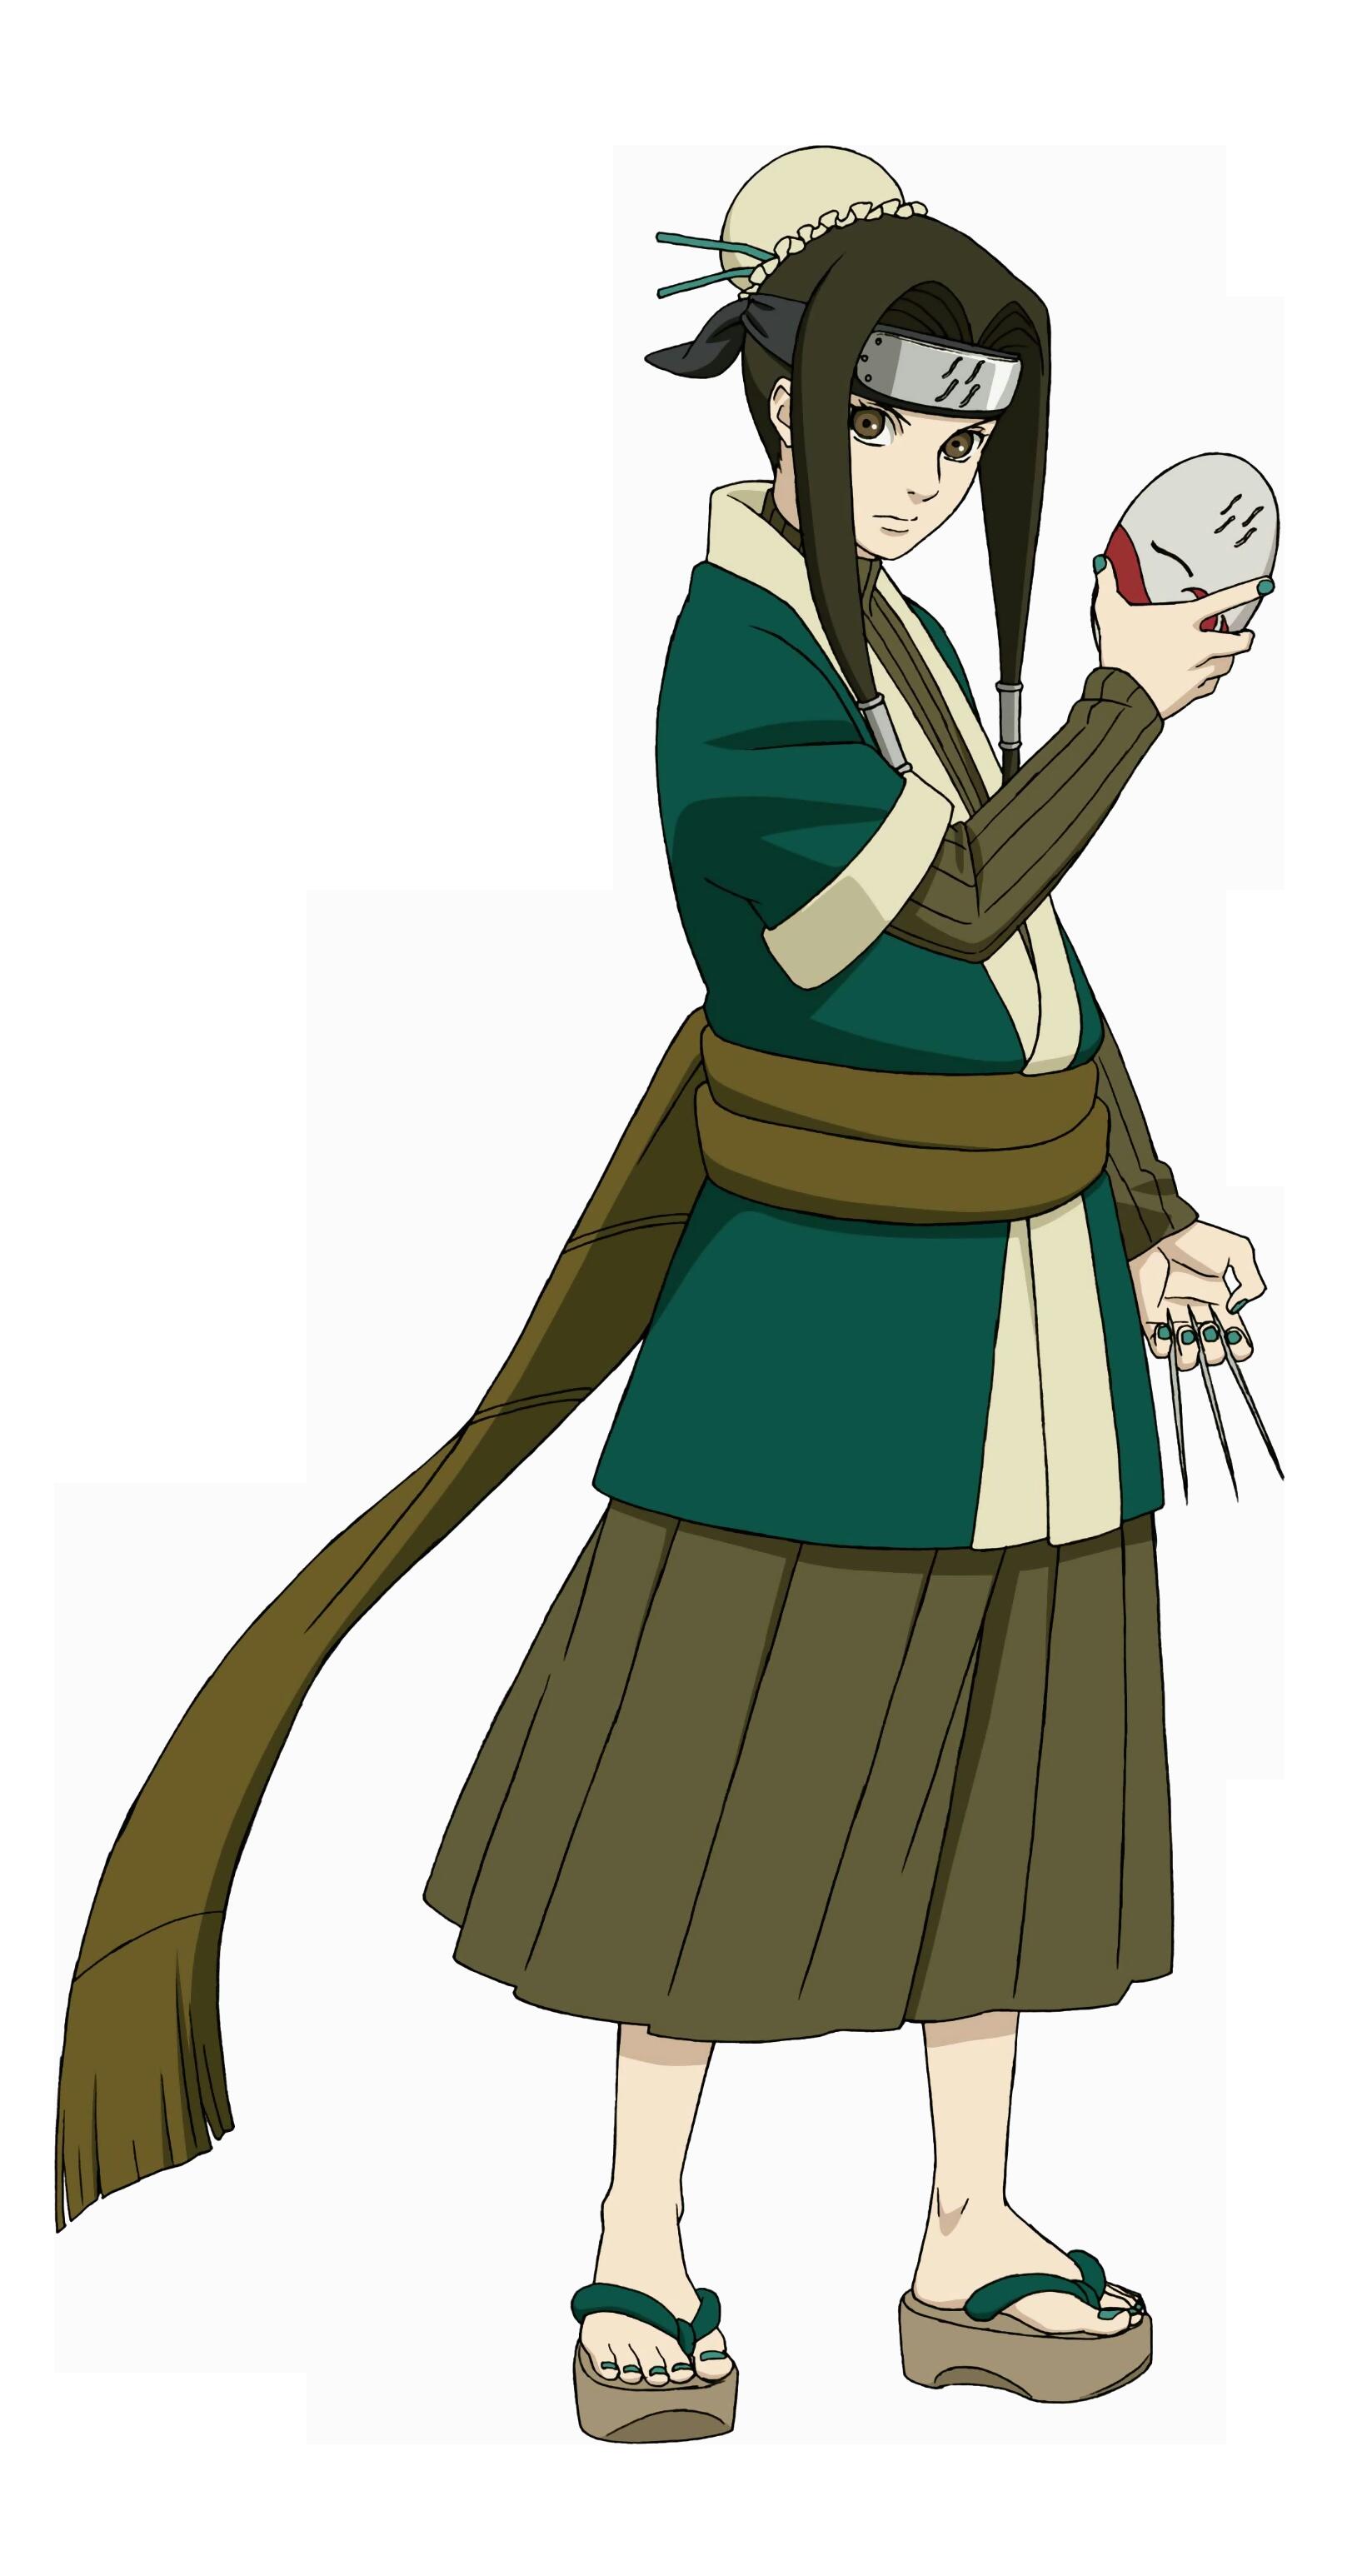 Haku%27s_shinobi_attire.png